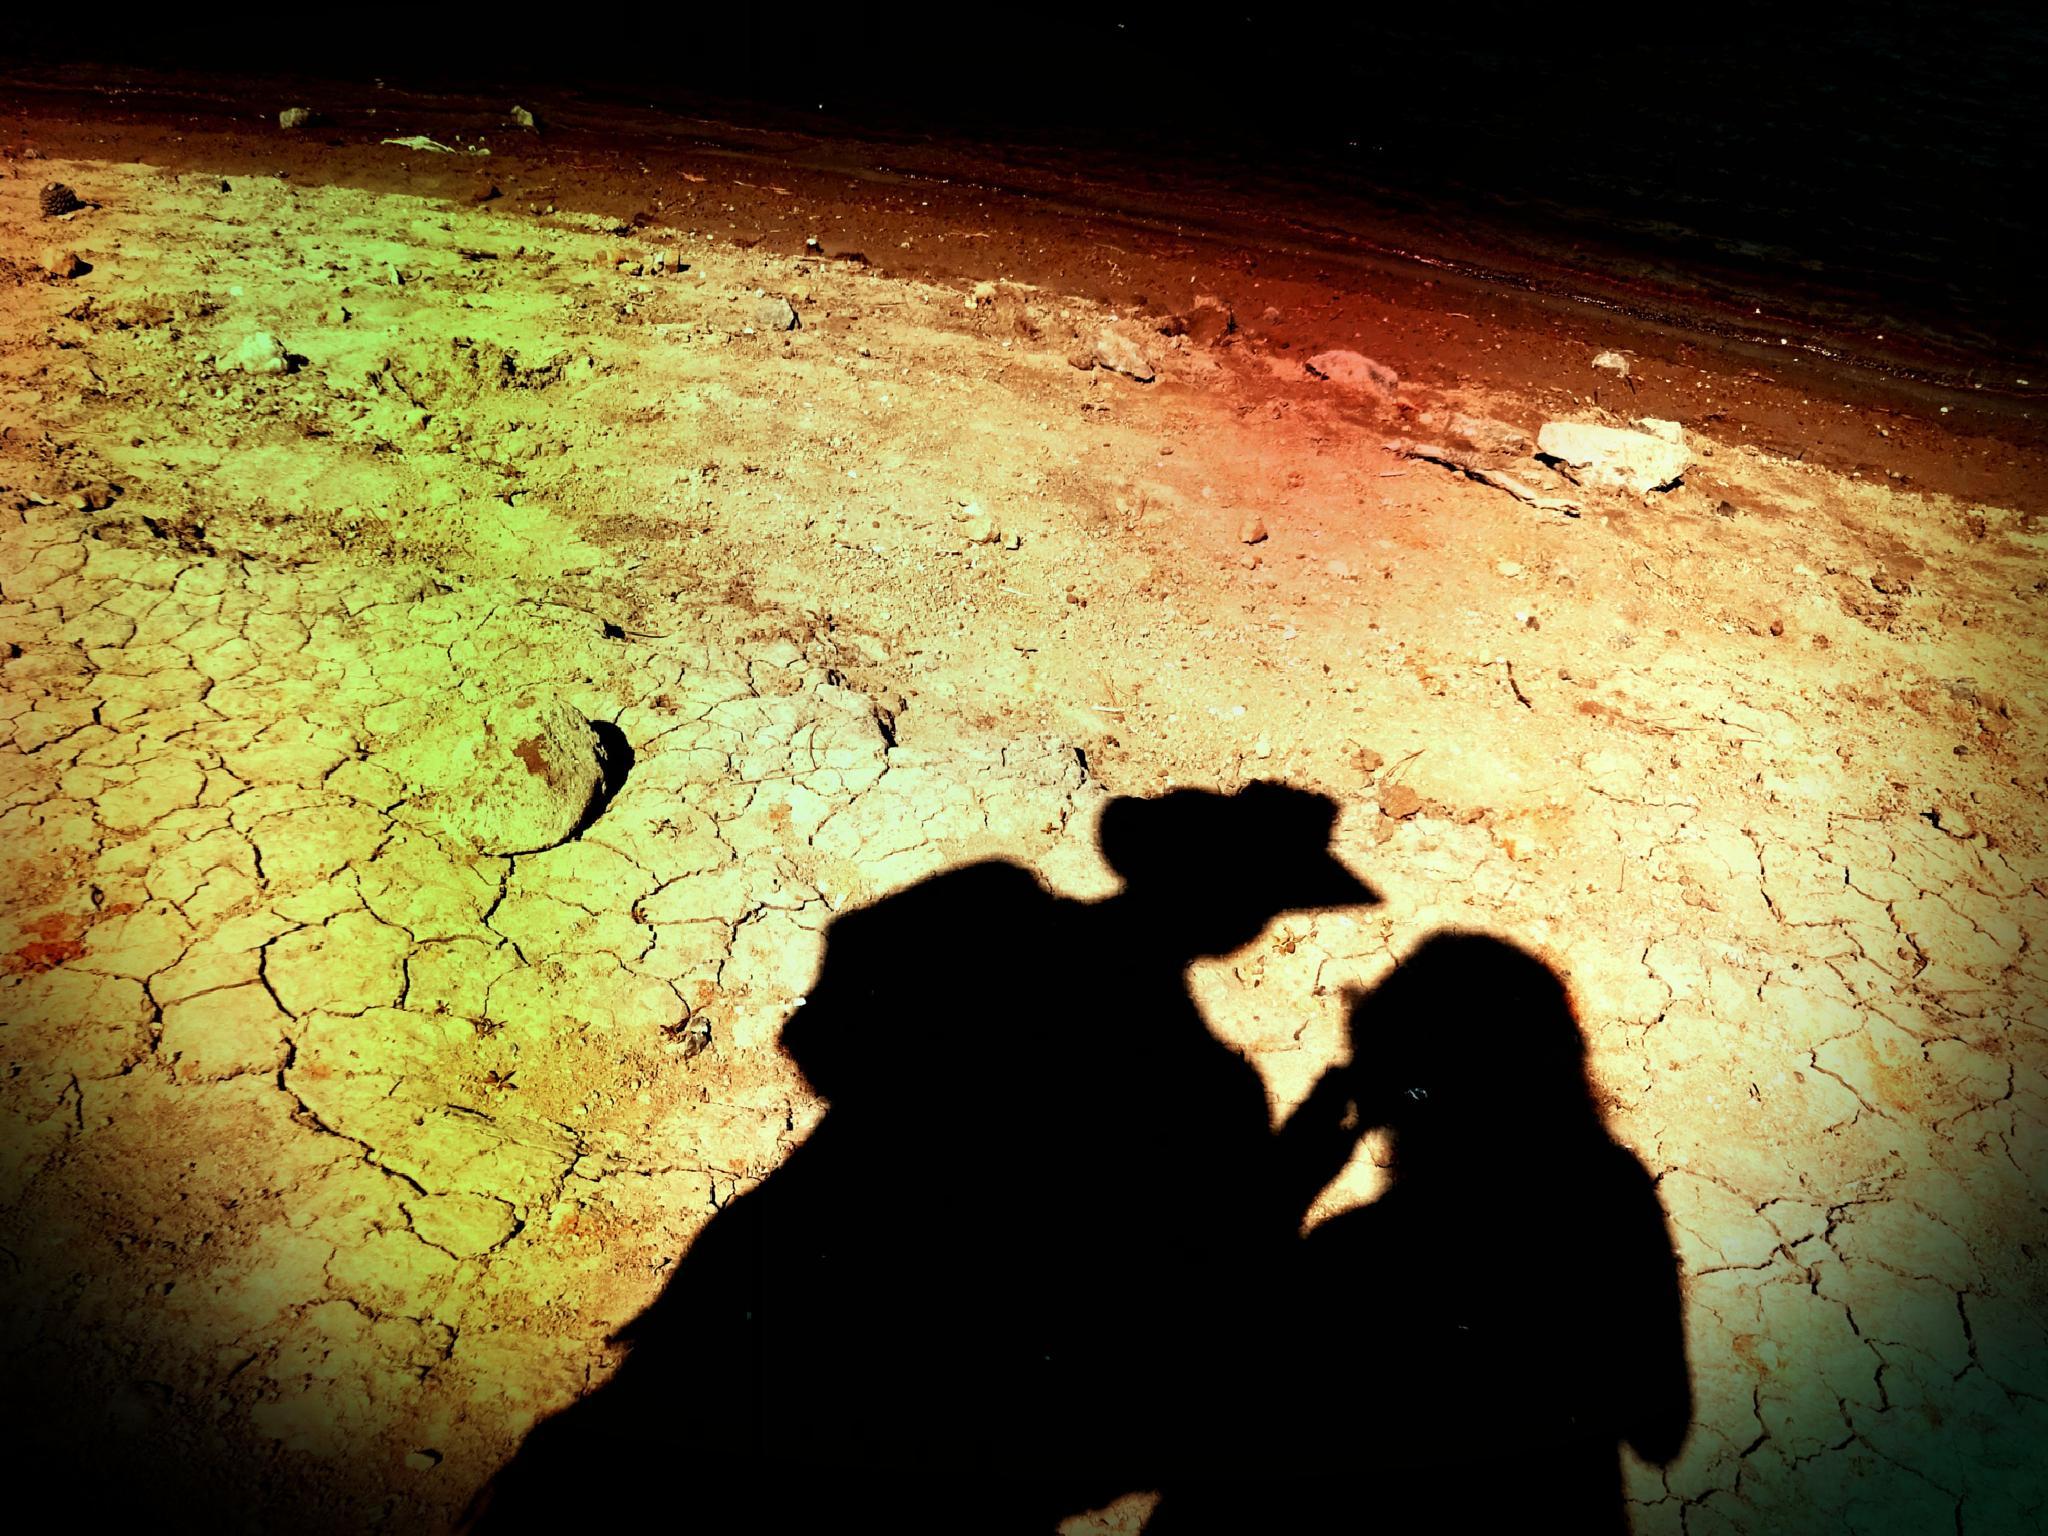 Our shadows by gudrun.jones